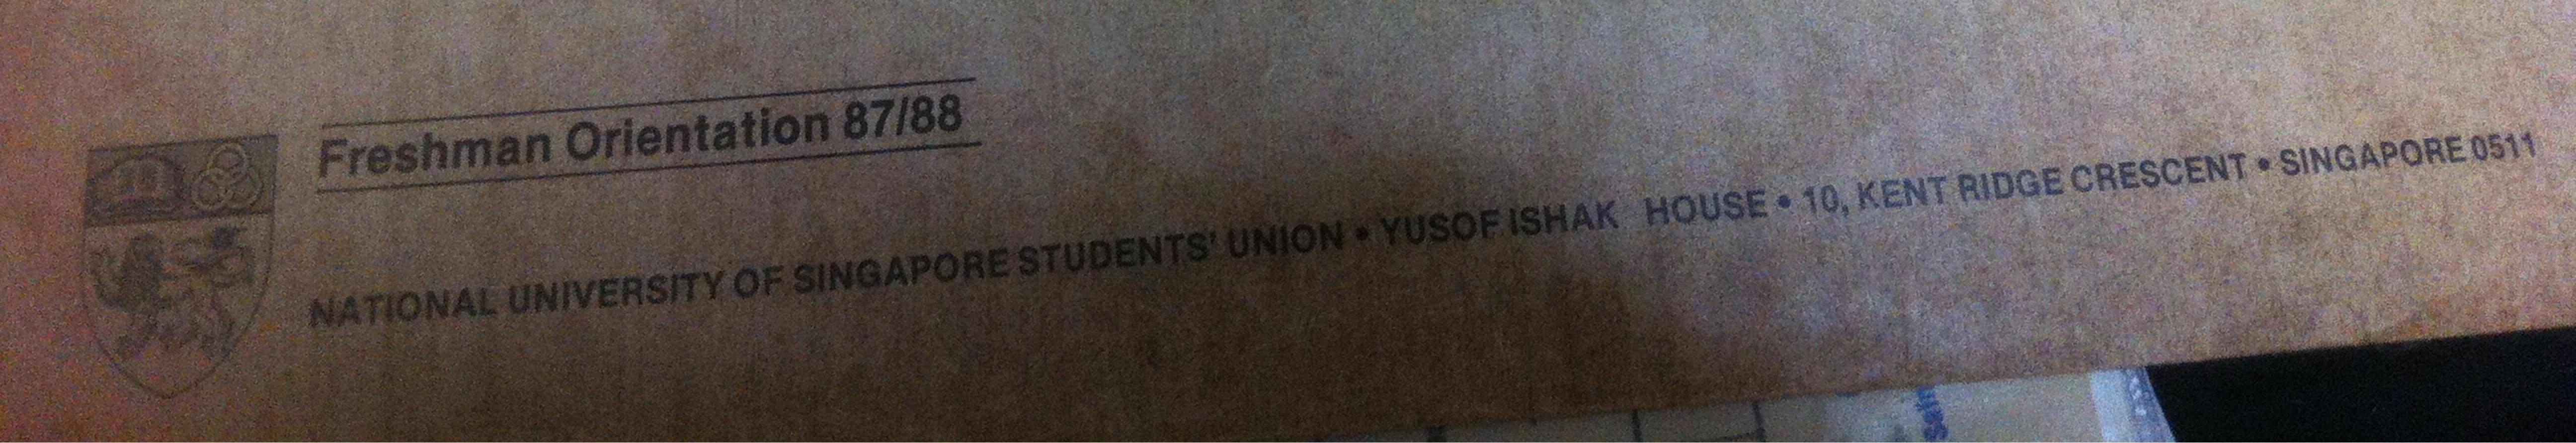 Freshman Orientation 1987_8